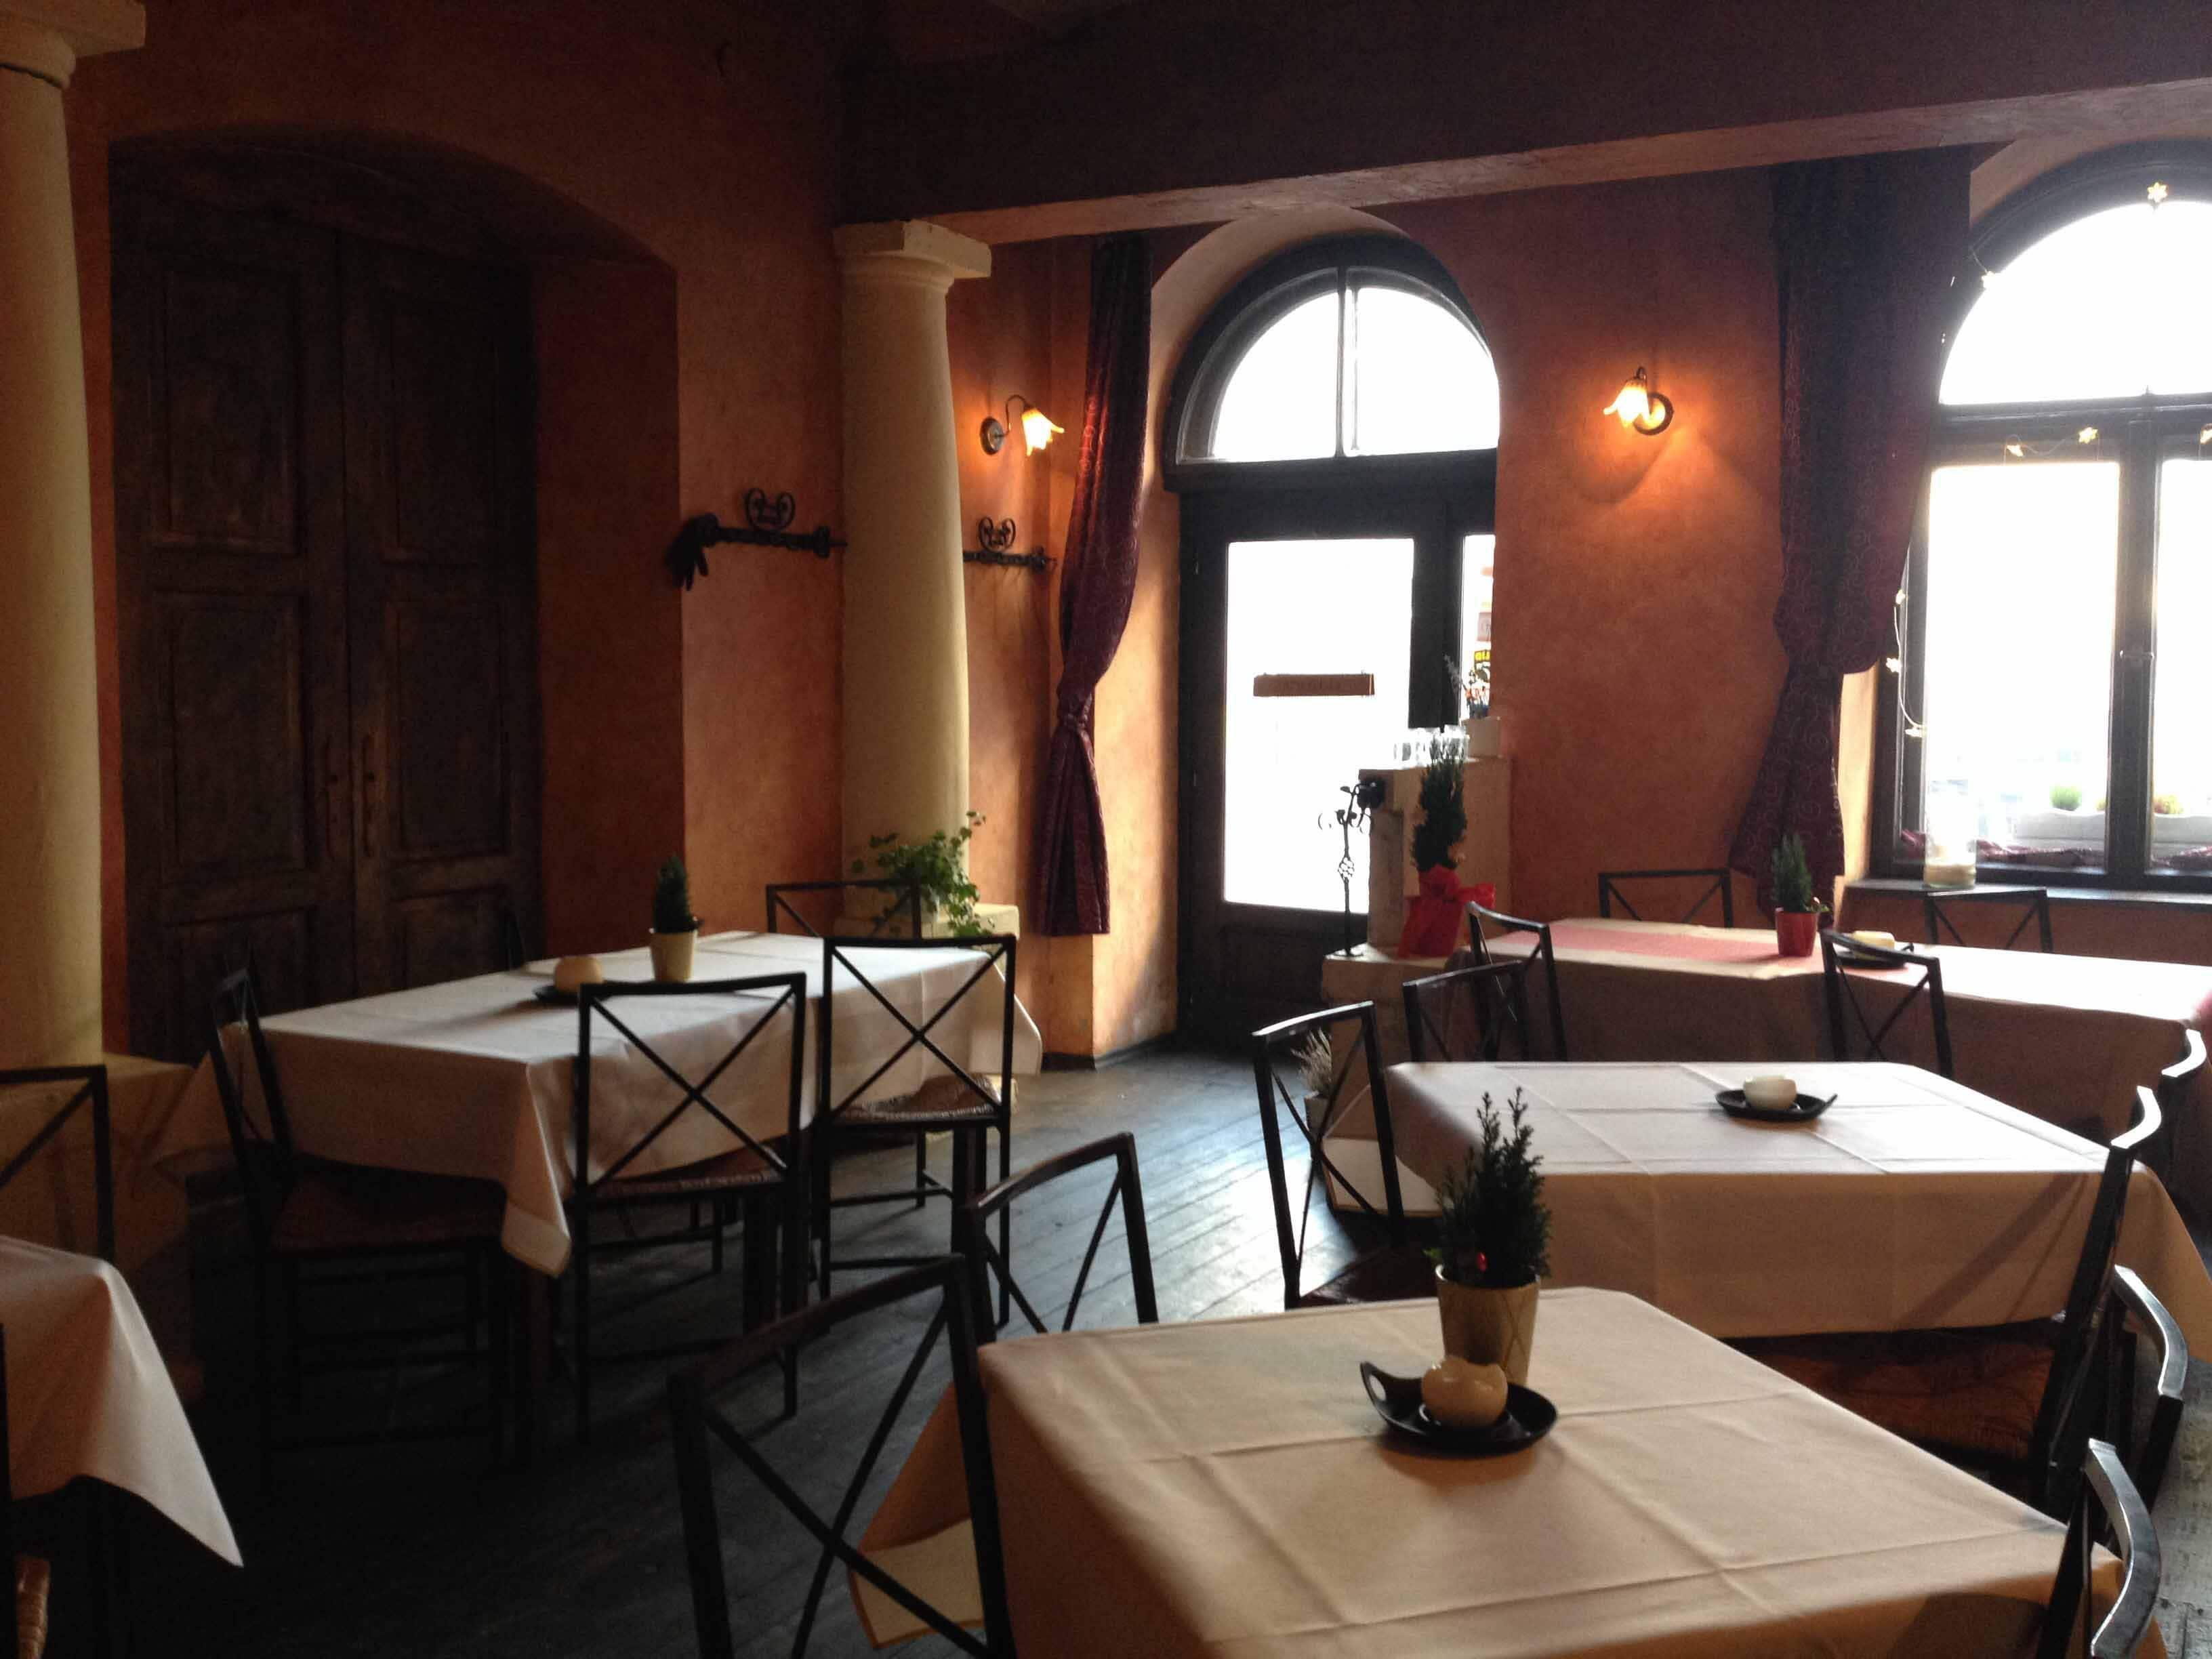 Kuchnia I Wino Menu Menu Restauracji Kuchnia I Wino Kazimierz Krakow